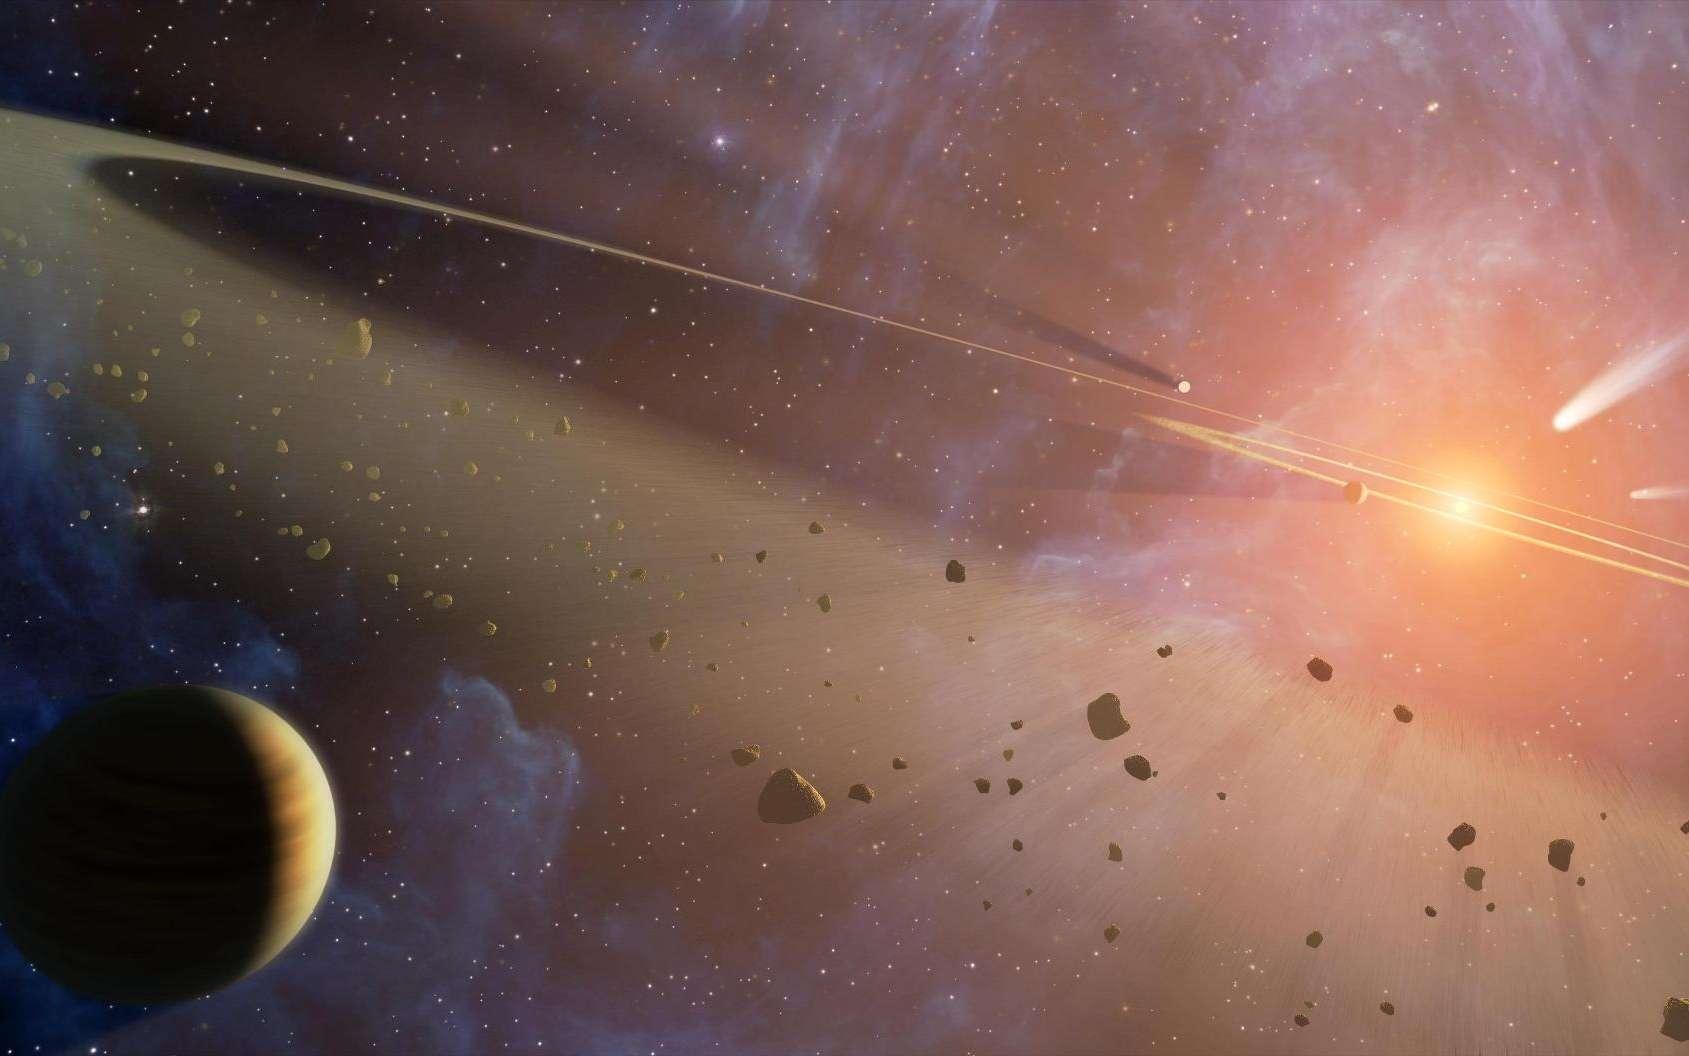 Une vue d'artiste d'un disque protoplanétaire. © Nasa